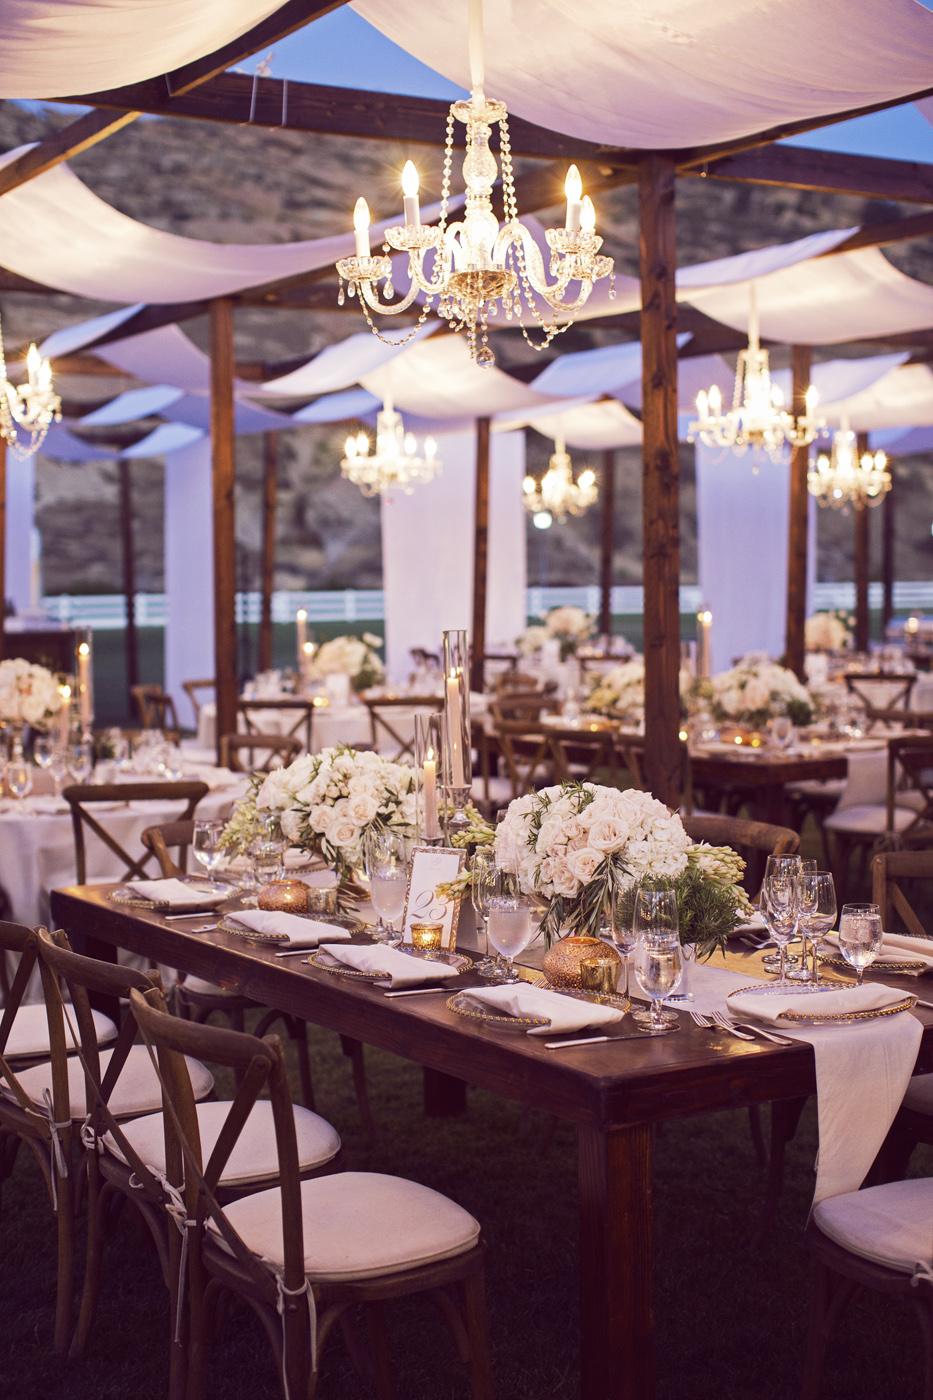 053_DukePhotography_DukeImages_Wedding_Details.jpg